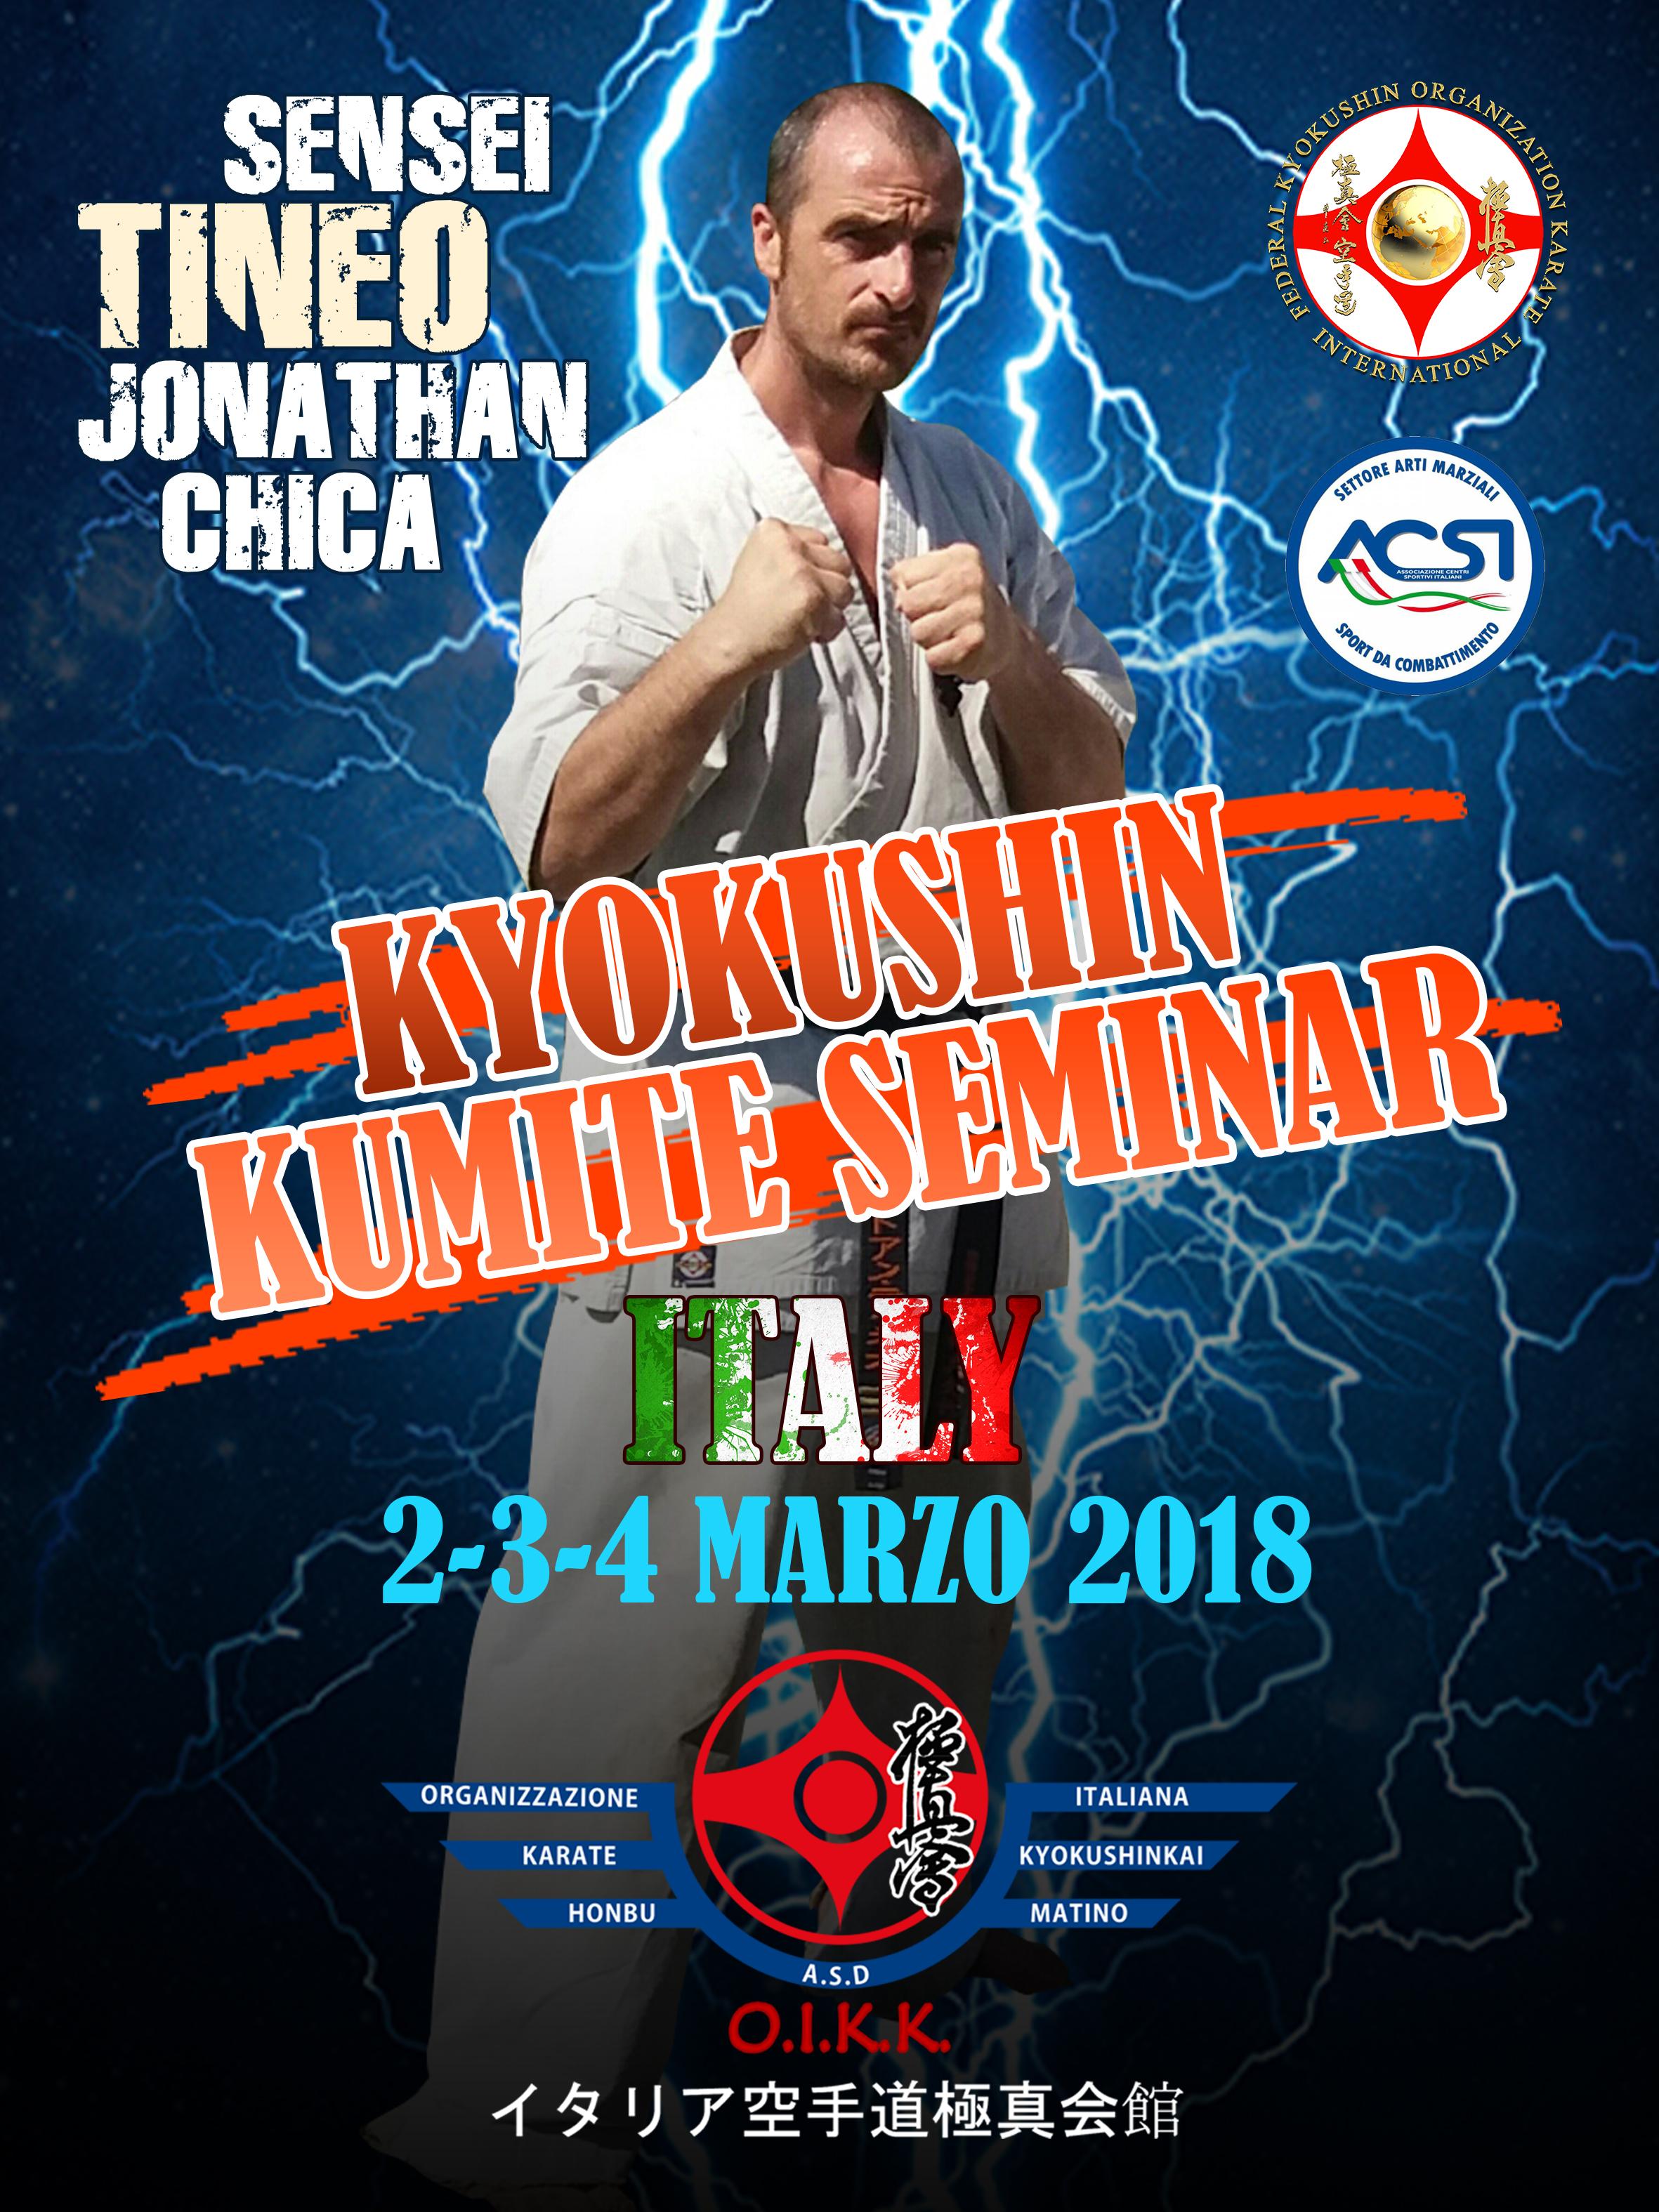 seminario Tineo 2018.jpg